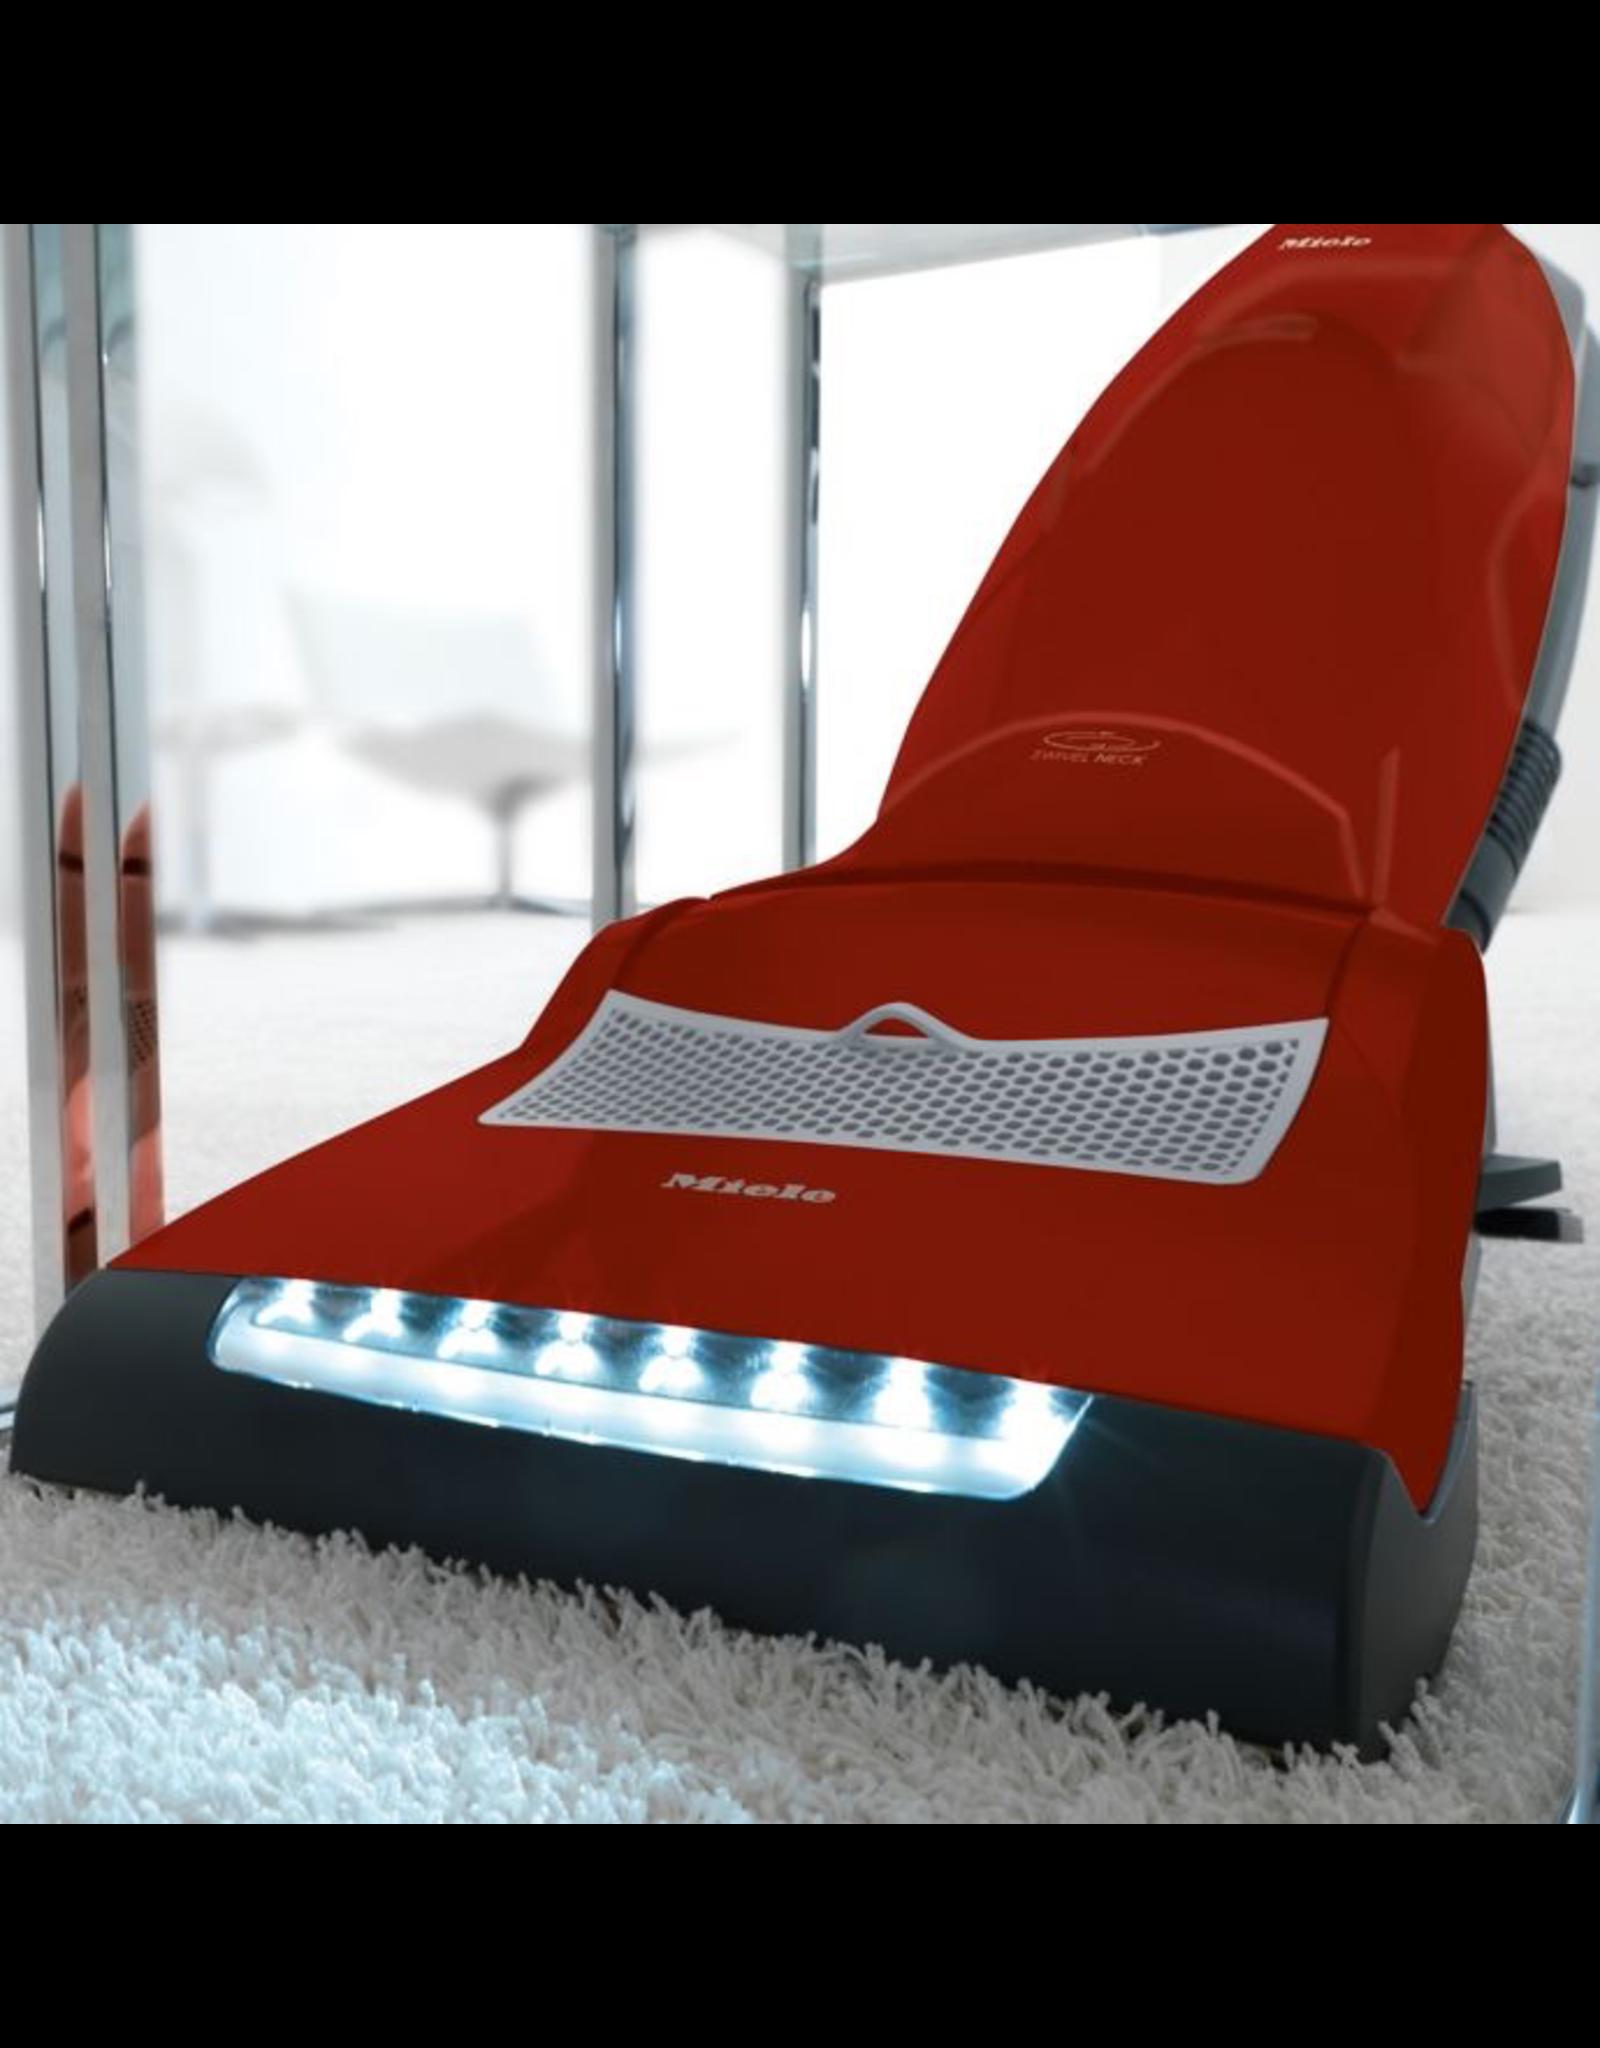 Miele Miele Dynamic U1 HomeCare Upright Vacuum